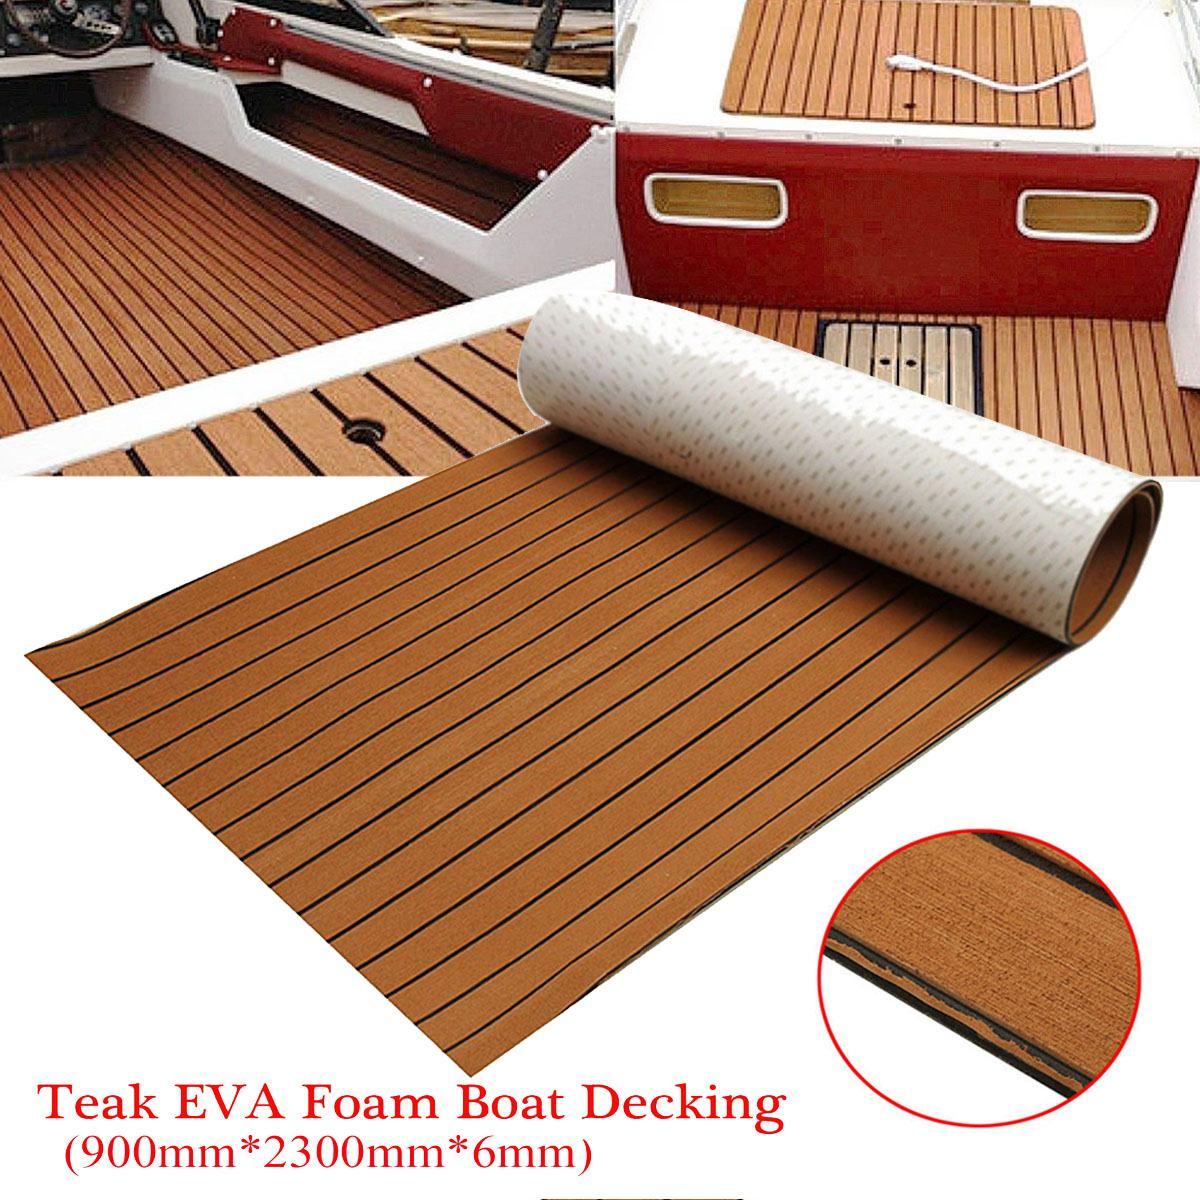 Auto-adhésif 900x2300x6mm EVA mousse teck marron avec ligne noire Faux teck bateau platelage feuille